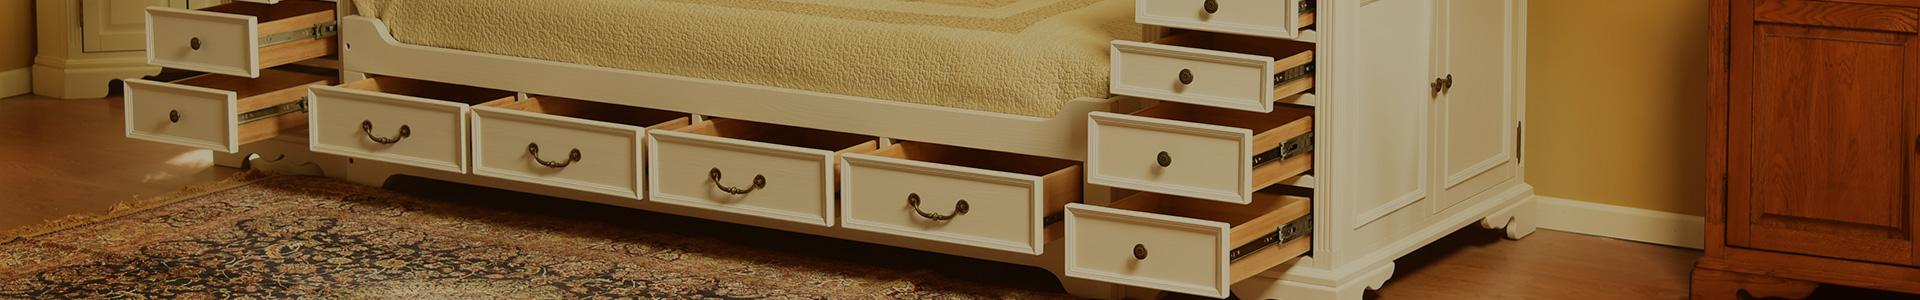 category-Professional European Handles | Find Bedroom Drawer Handles-Hoone-img